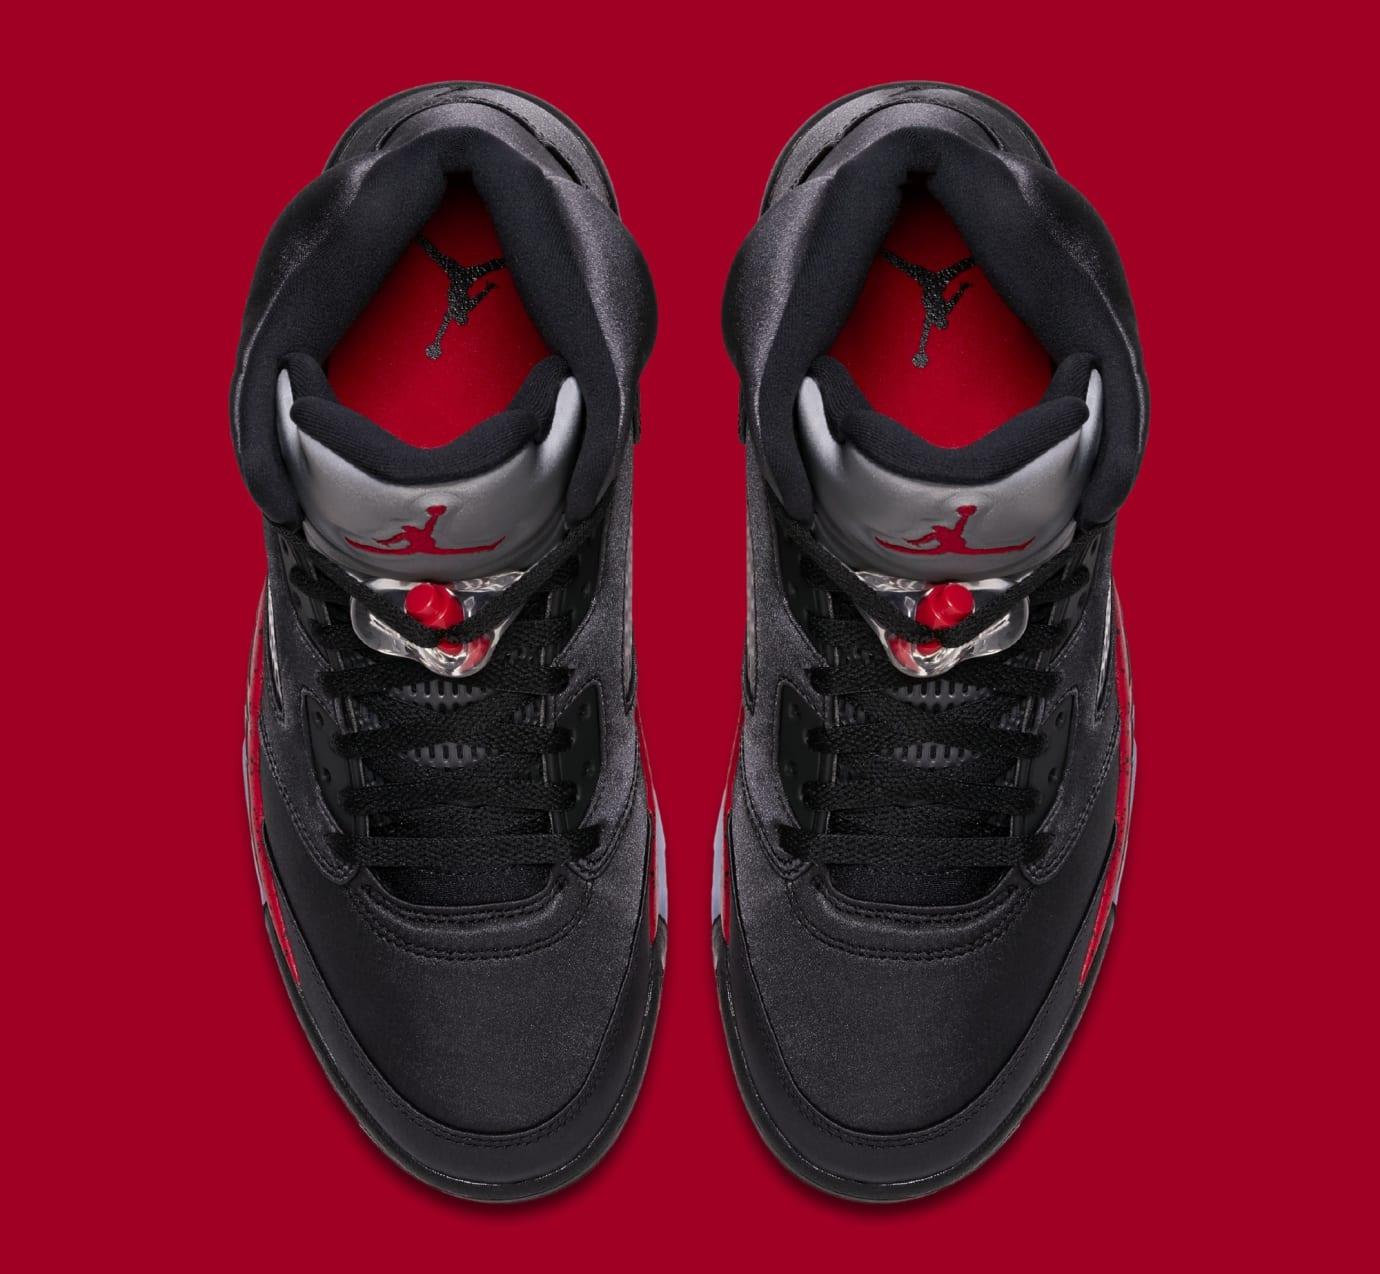 de160bc4489 Image via Nike Air Jordan 5 Retro 'Black/University Red' 136027-006 (Top)